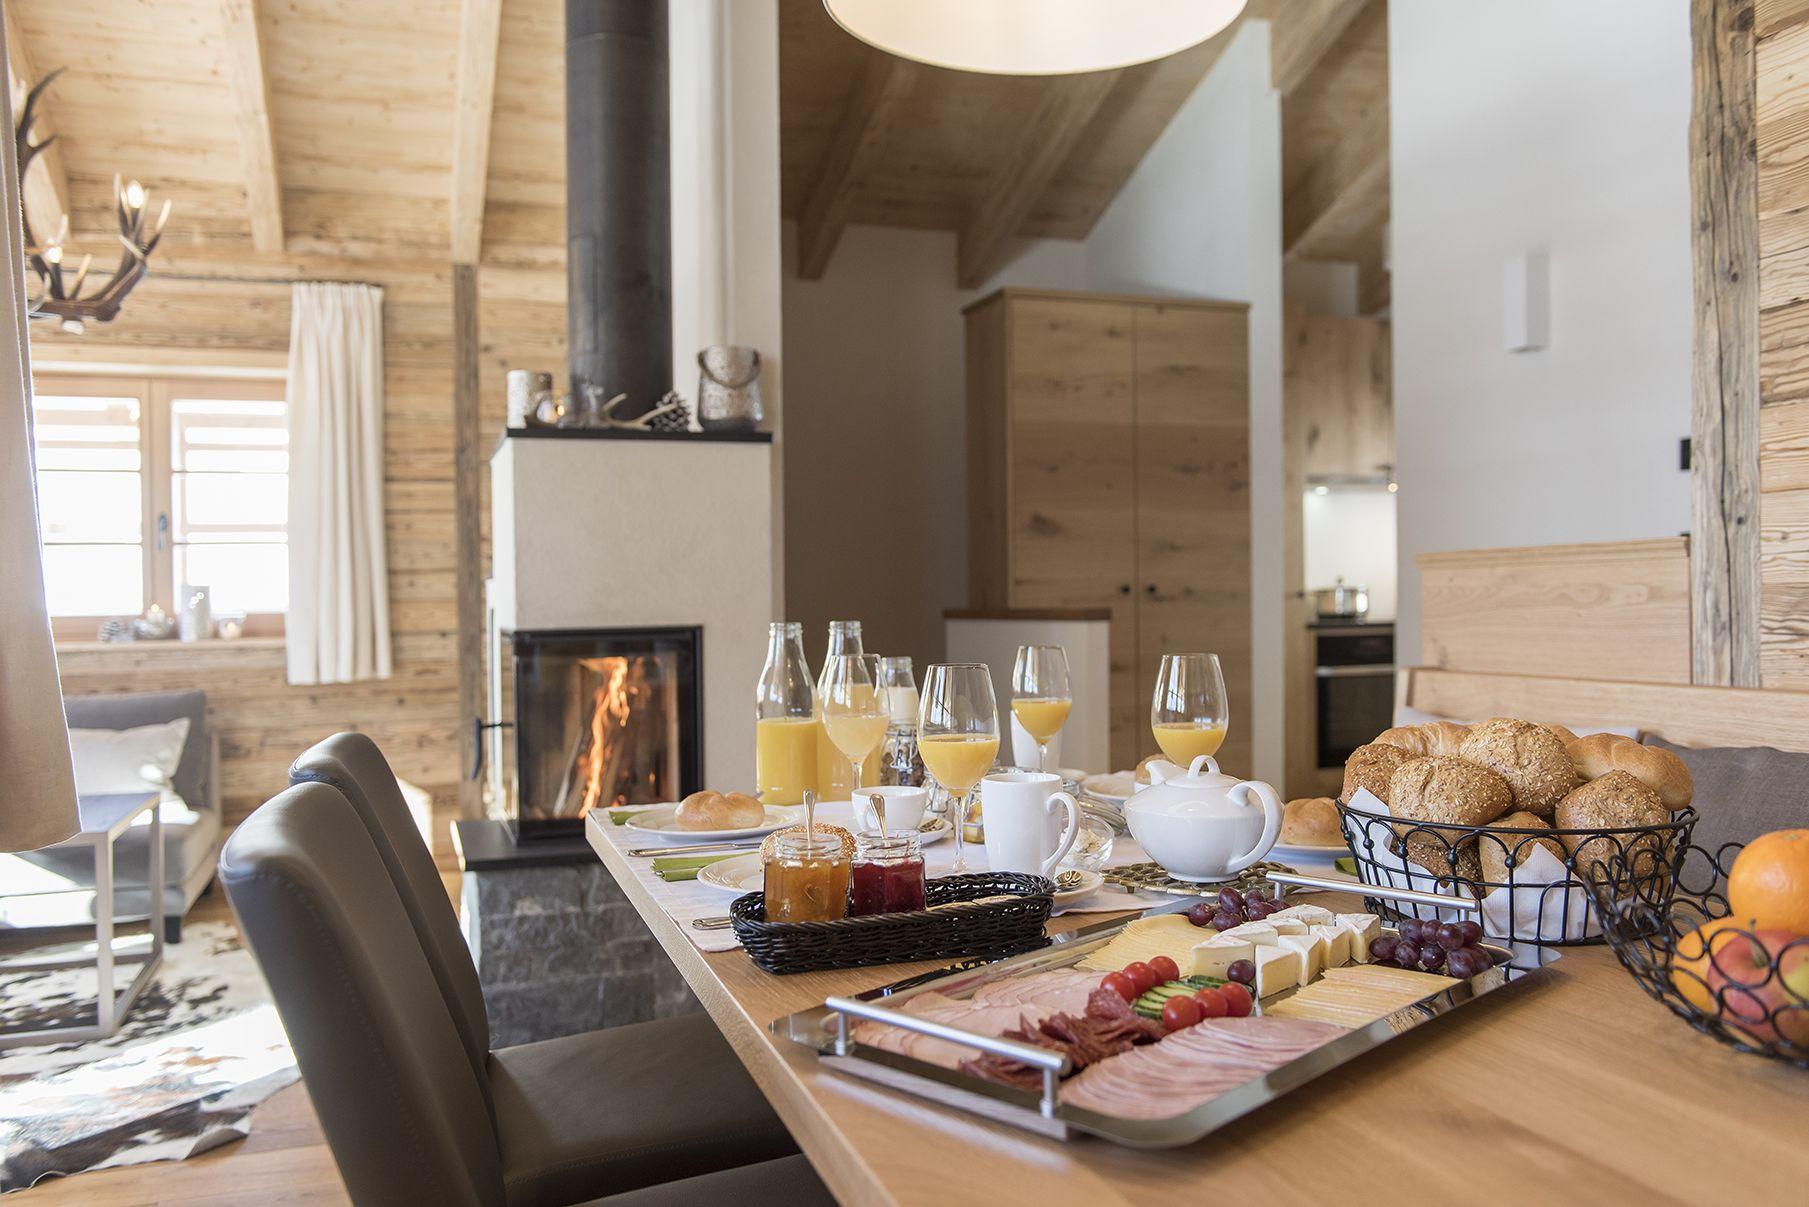 Frühstück im Chalet Aadla Walser Chalets am Arlberg